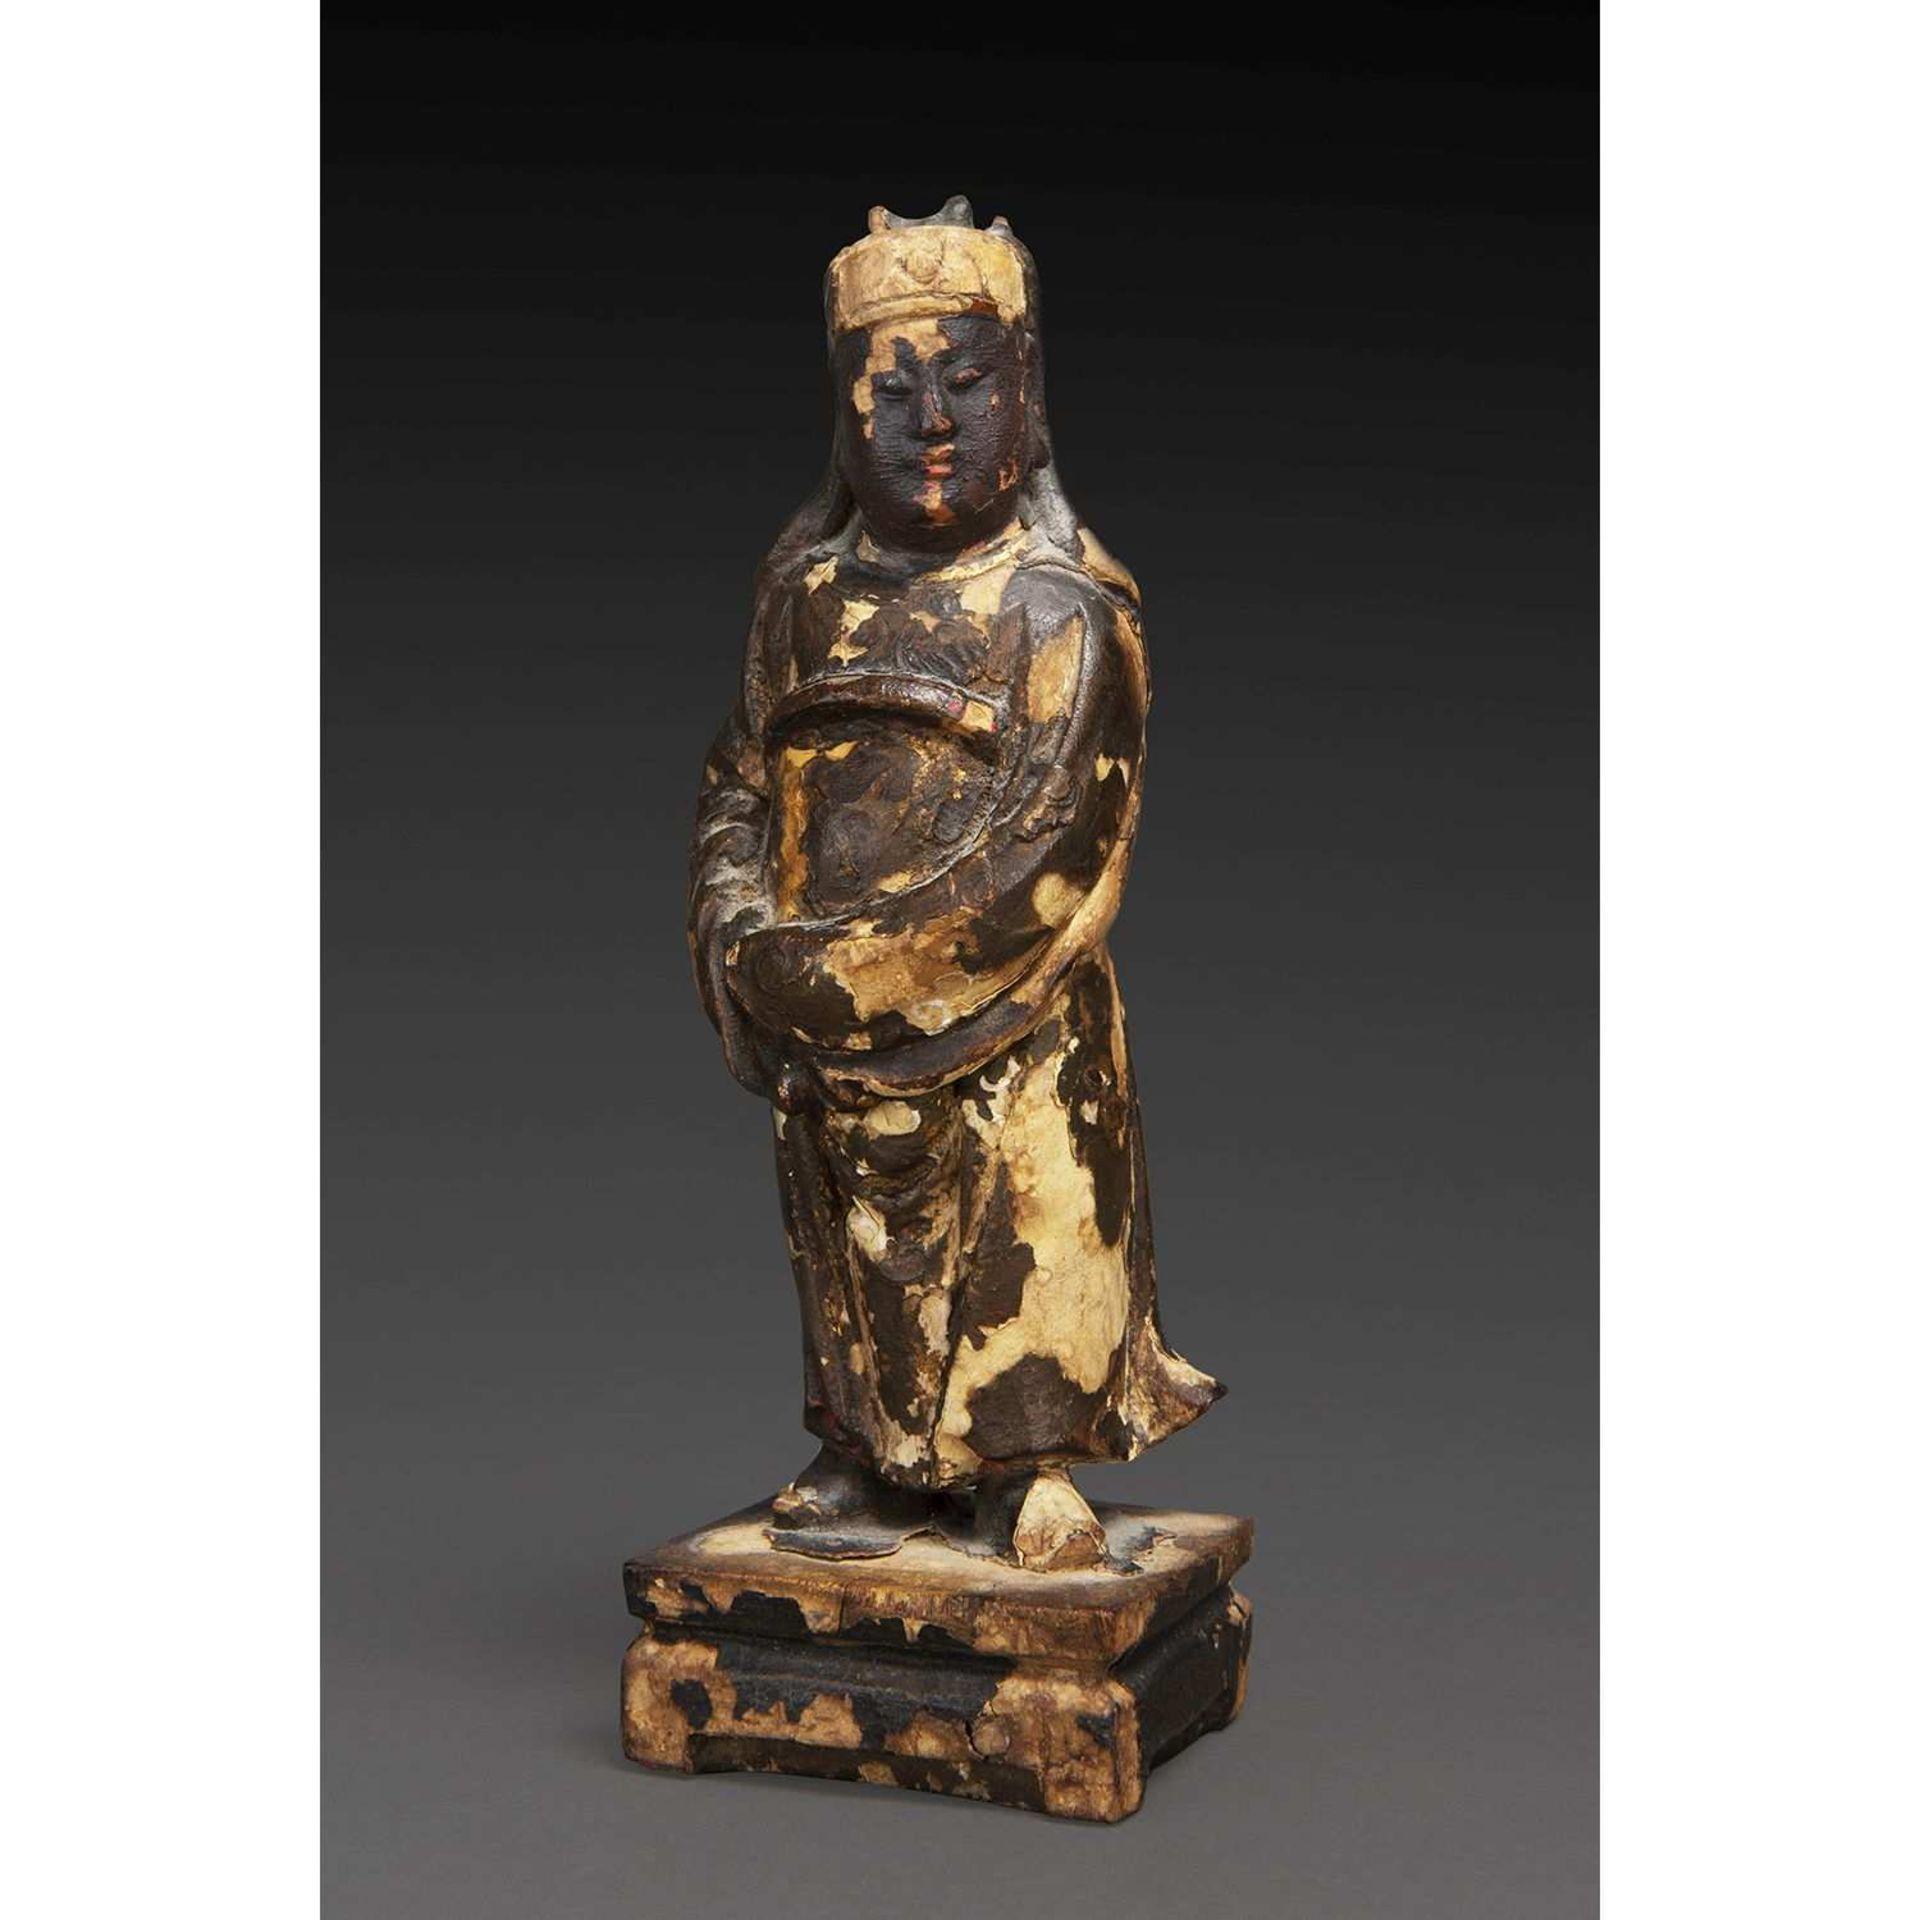 STATUETTE en bois laqué, anciennement doré, représentant un fonctionnaire de haut rang. (Sautes de